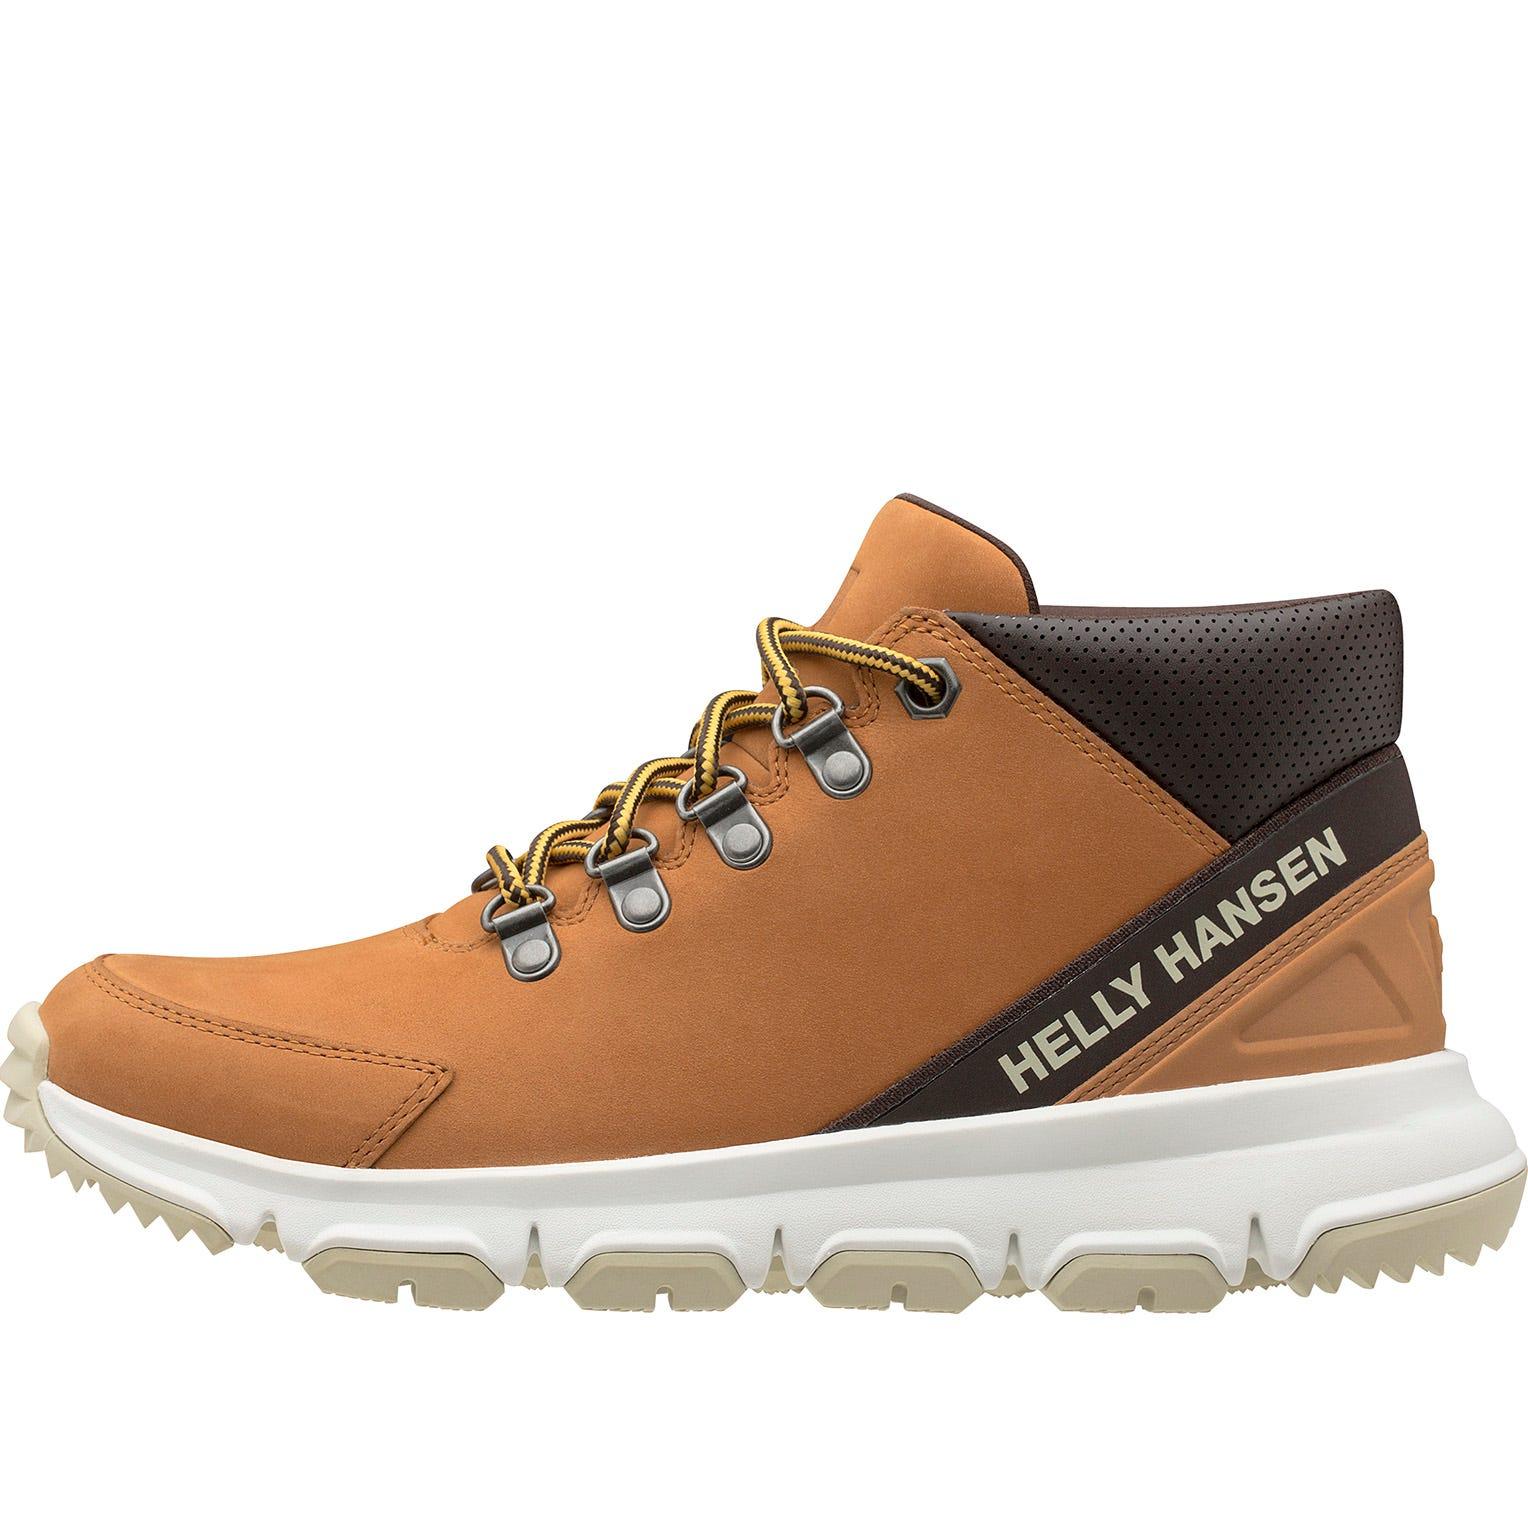 Helly Hansen Womens Fendvard Sneaker Boots Brown 4